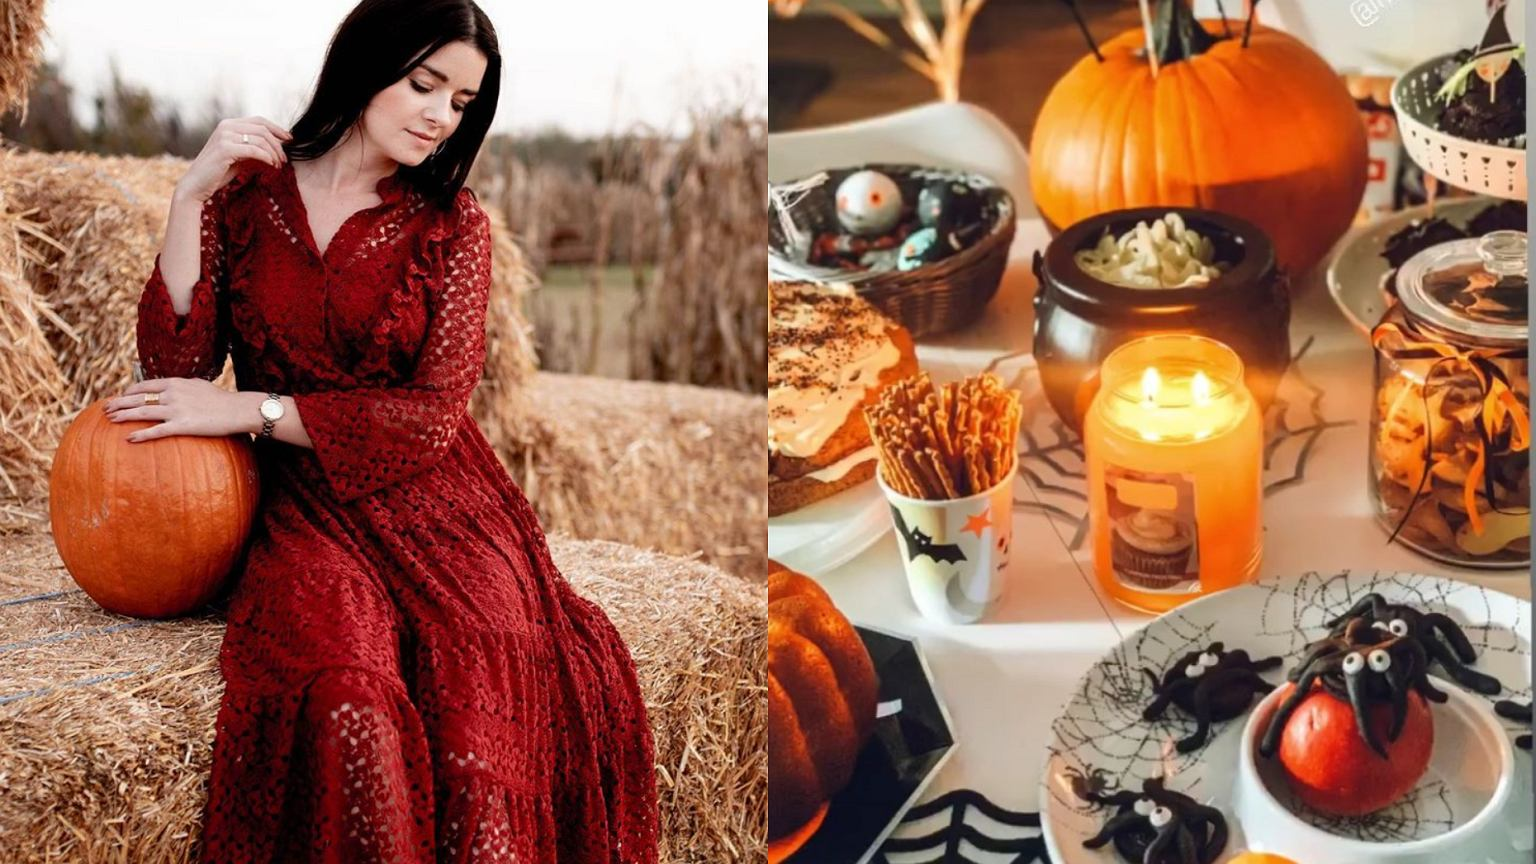 Patrycja Sołtysik świętuje Halloween. Urządziła imprezę dla przyjaciół. Te dekoracje robią wrażenie